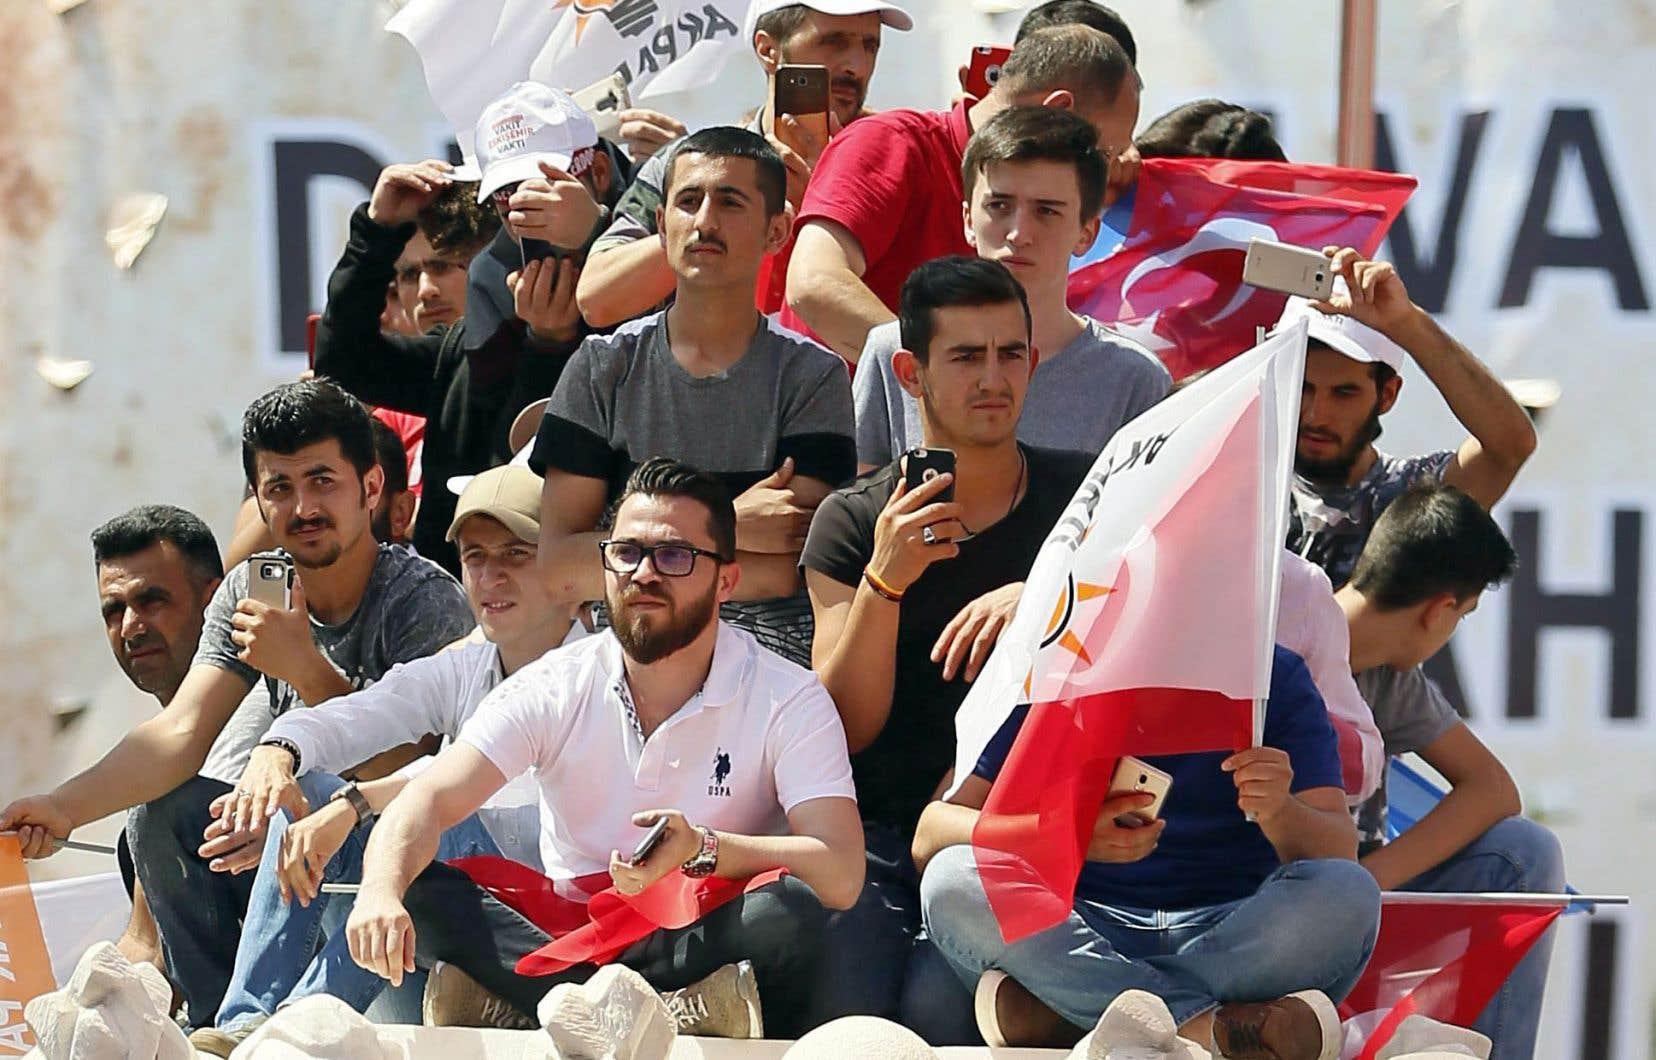 En cette période de campagne électorale, les membres du mouvement de jeunesse de la formation islamo-conservatrice (JAKP) sont partout.